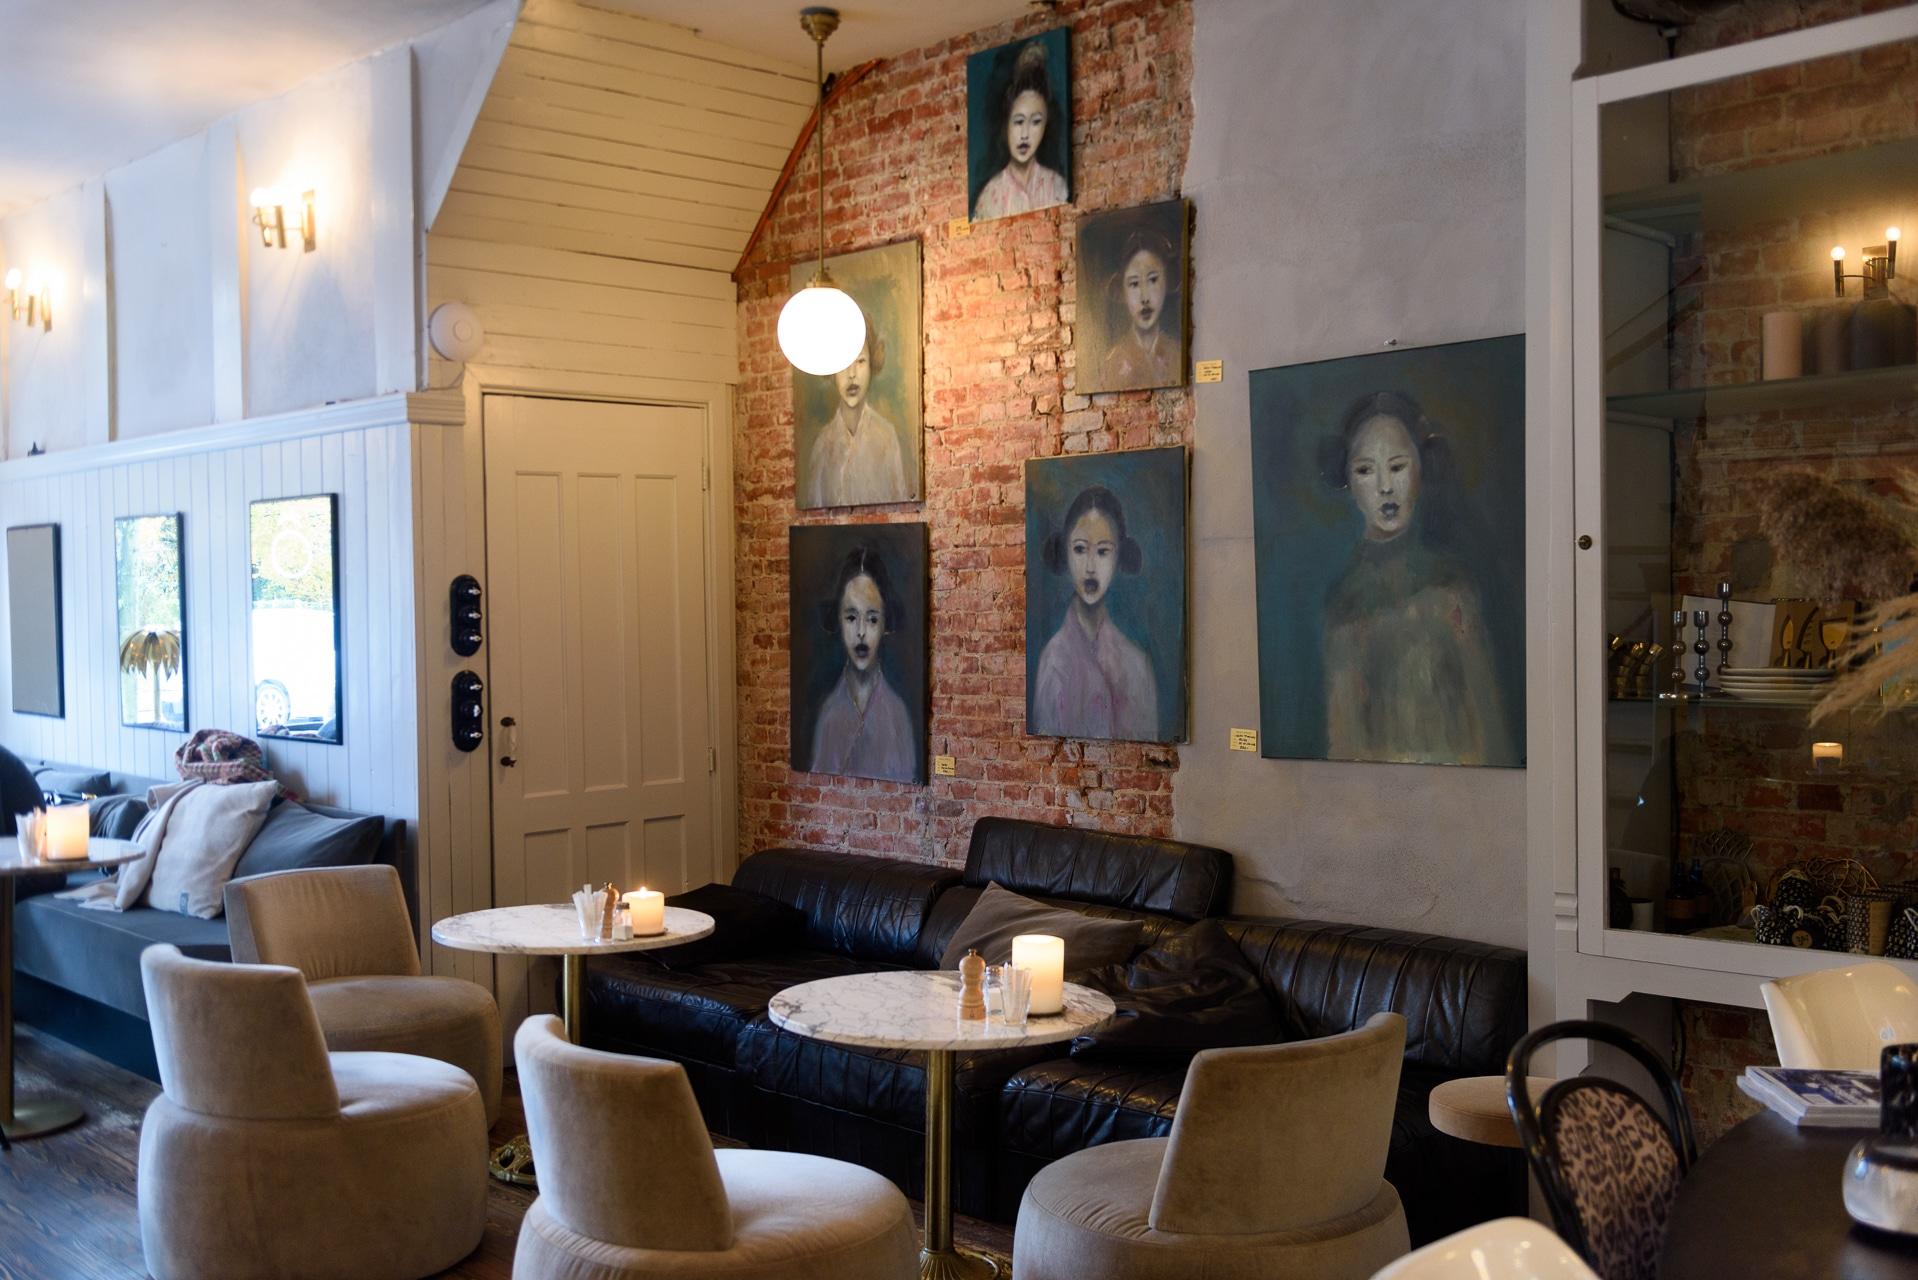 Côte Café & Interior